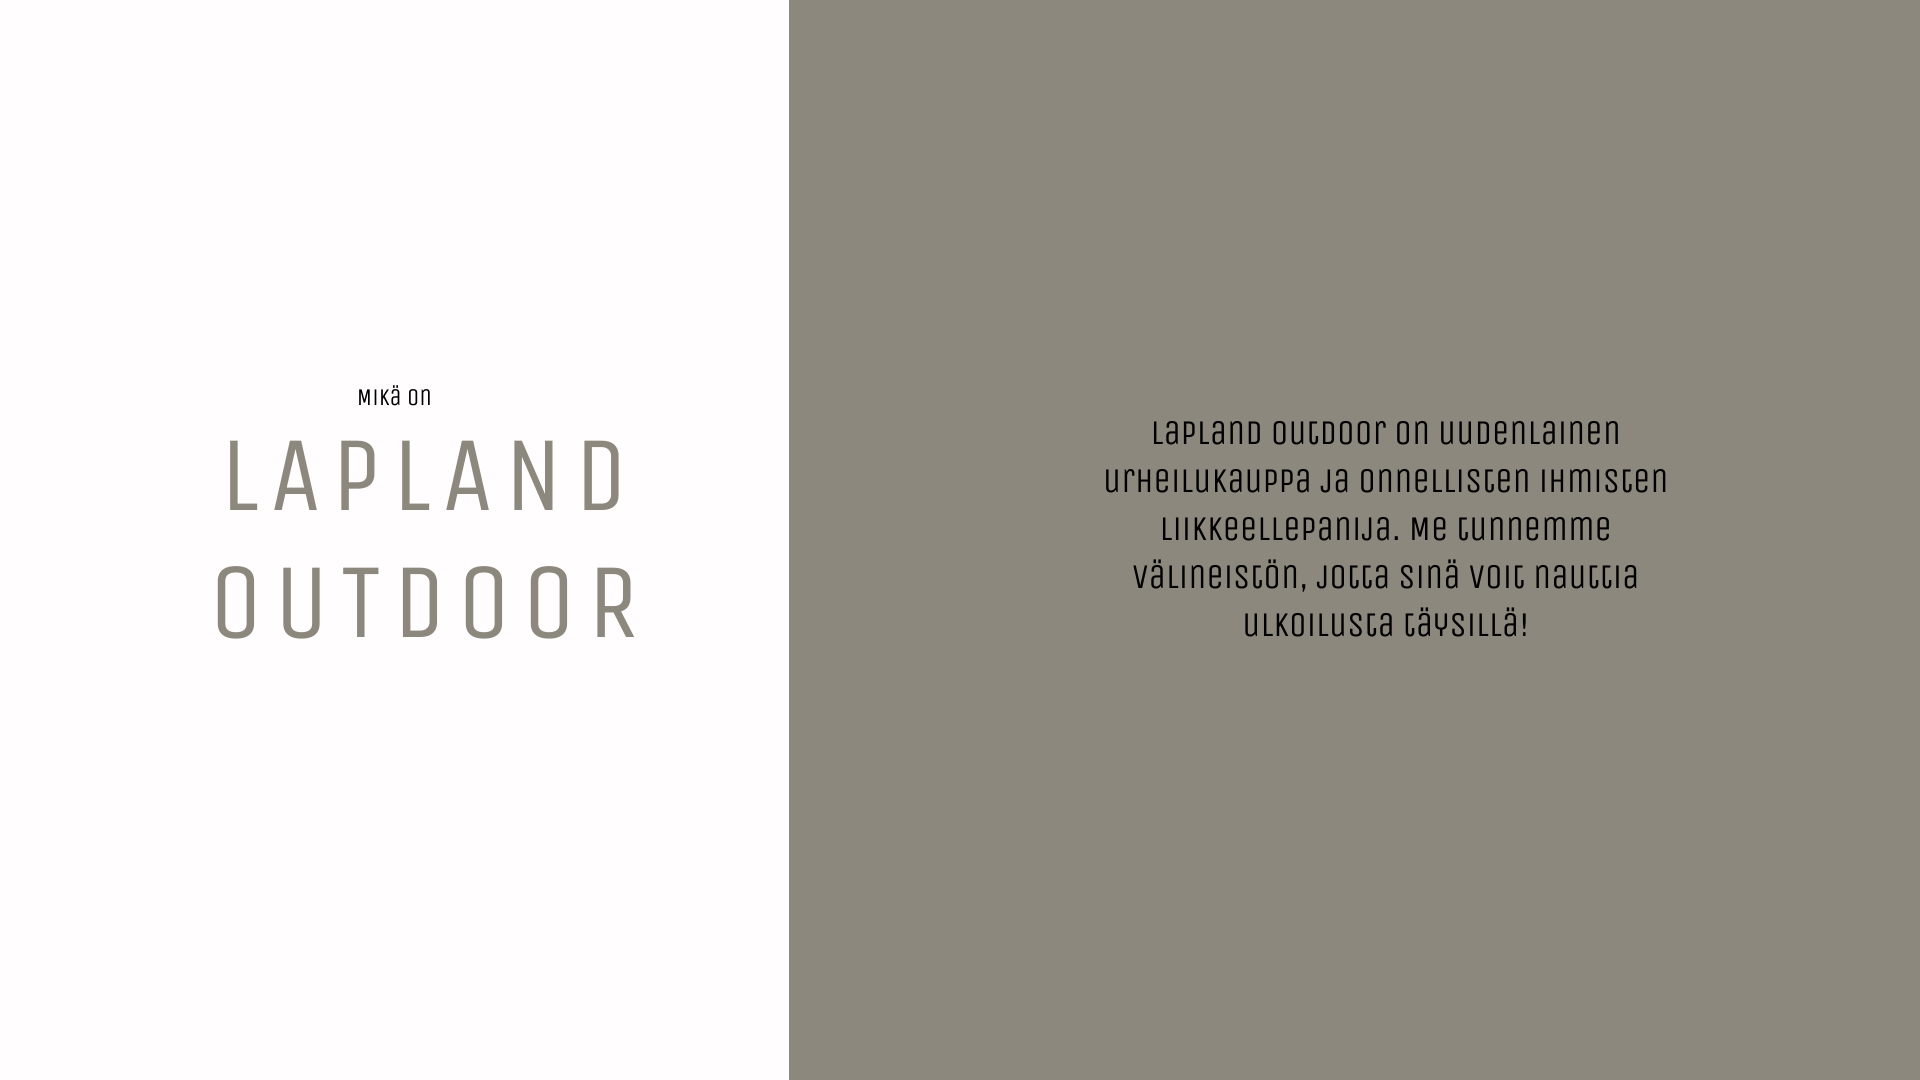 Mitä Lapland Outdoor tarjoaa?